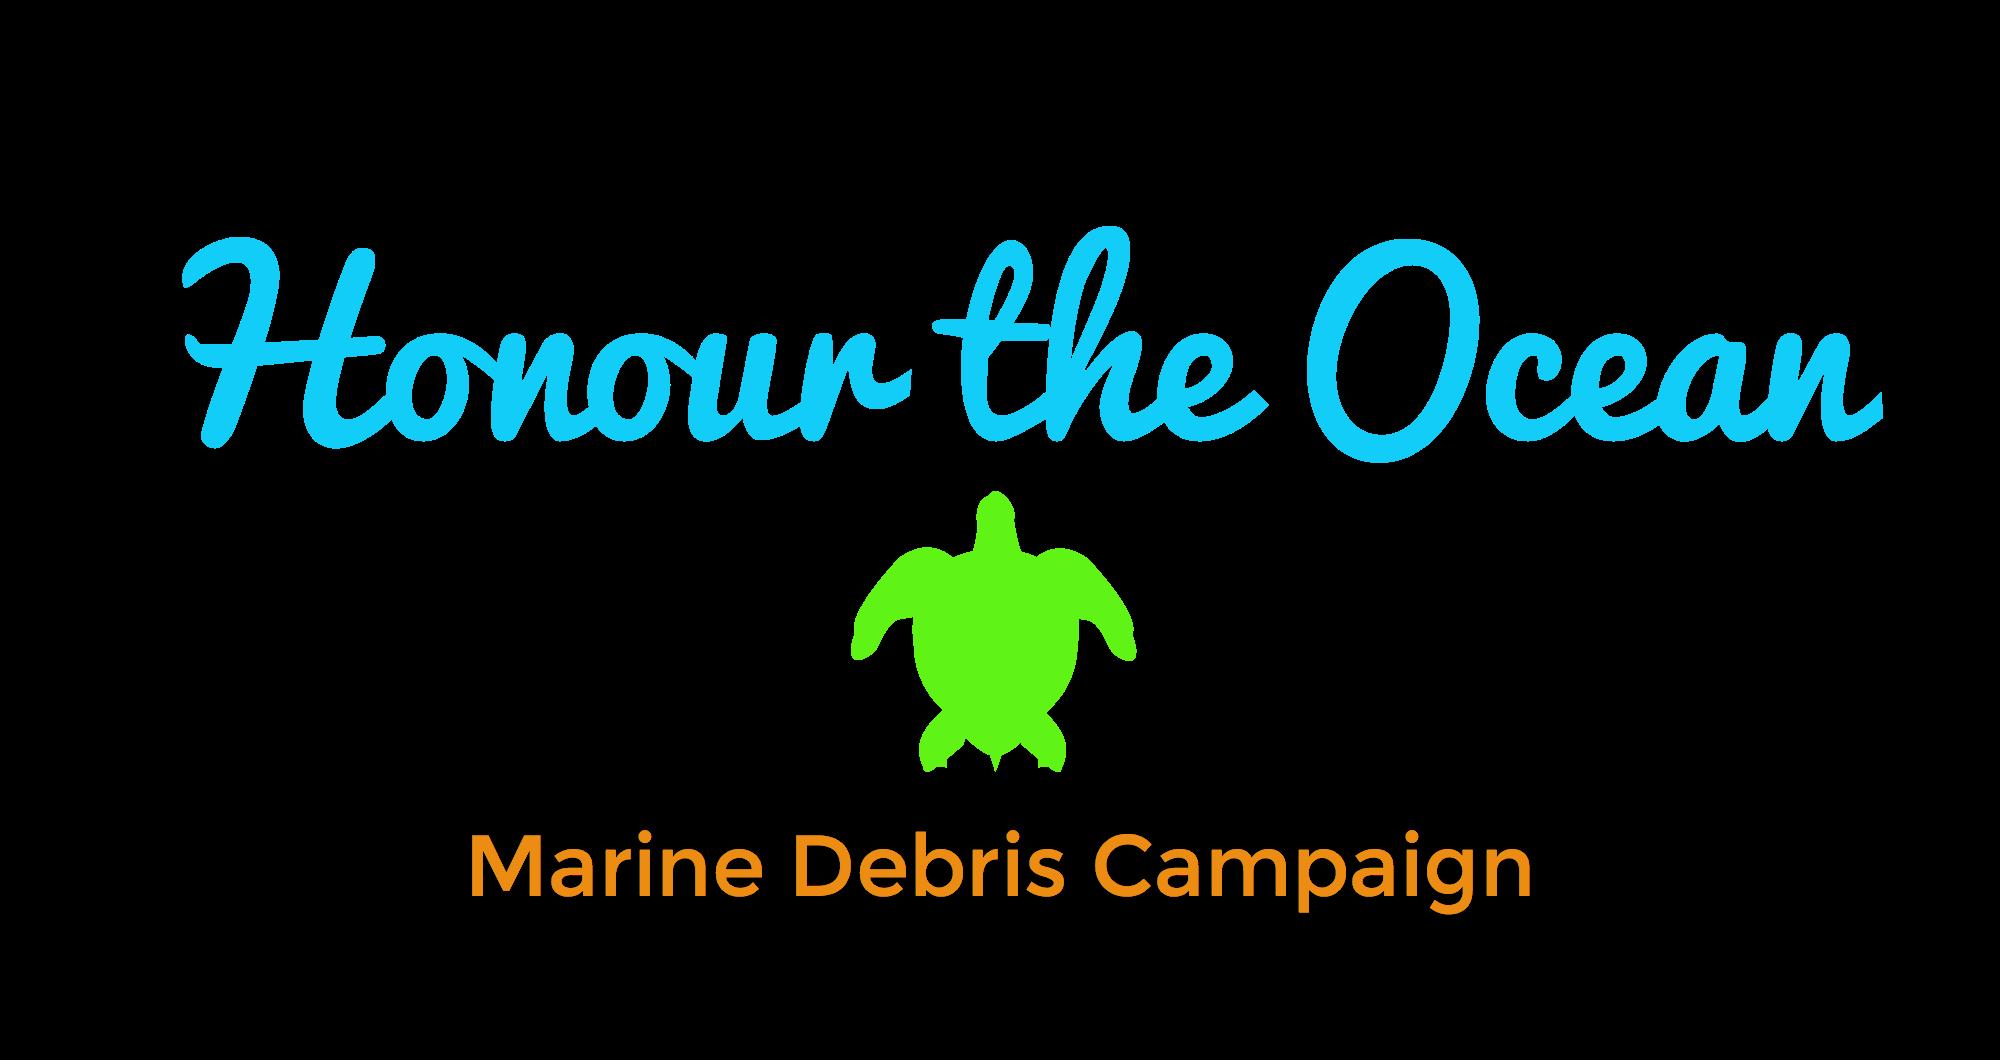 Making changes toward clean beaches